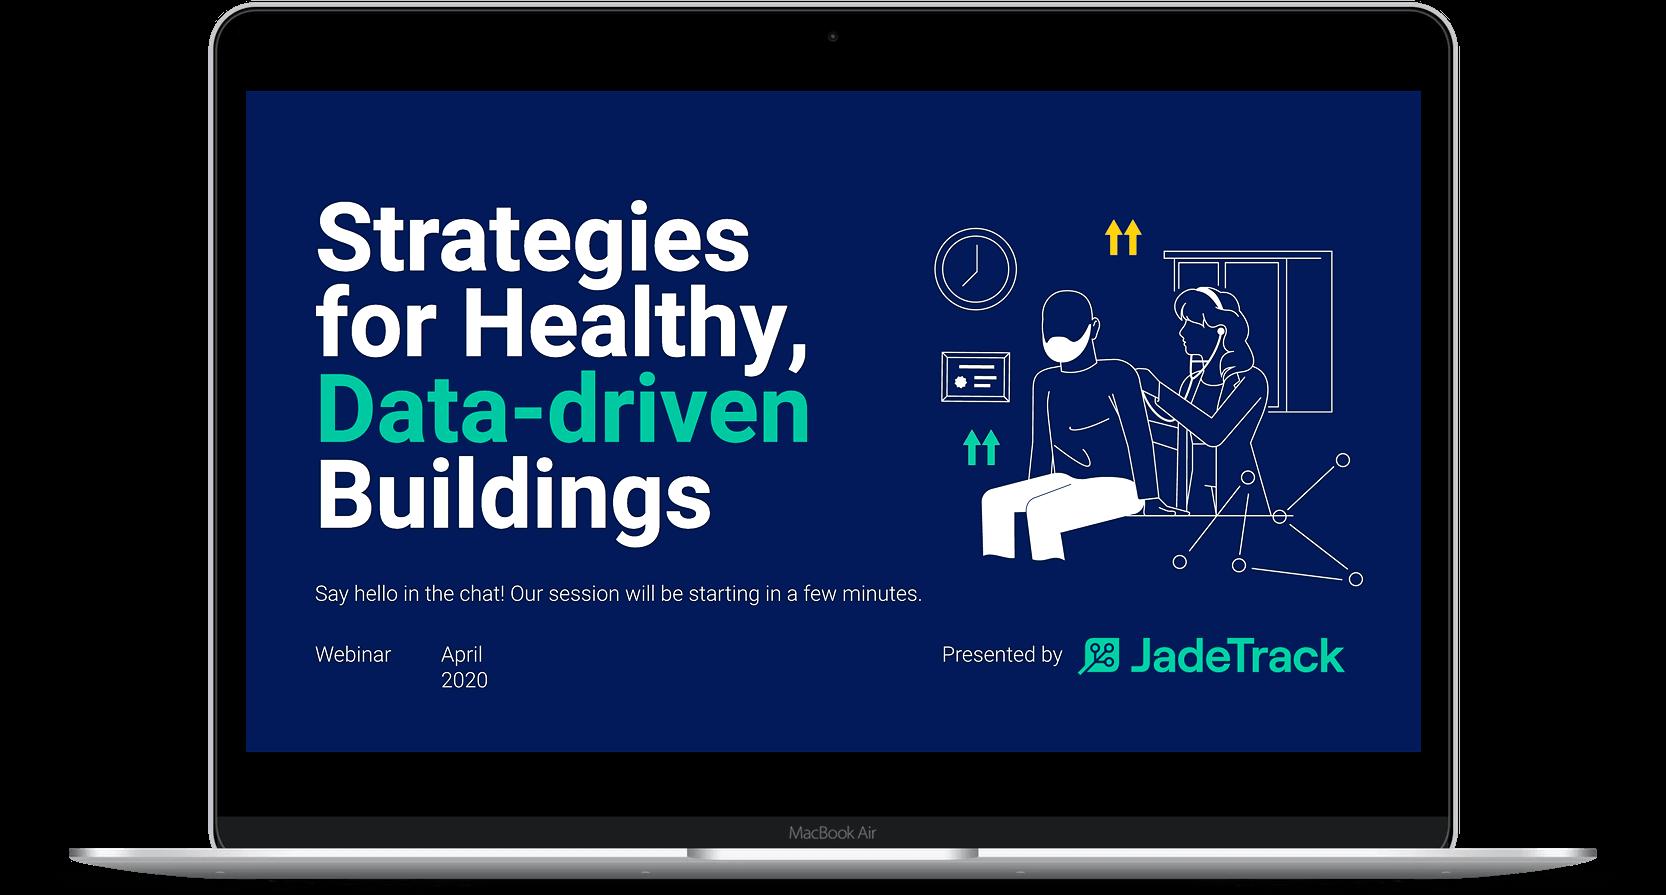 Strategies for Healthy Buildings